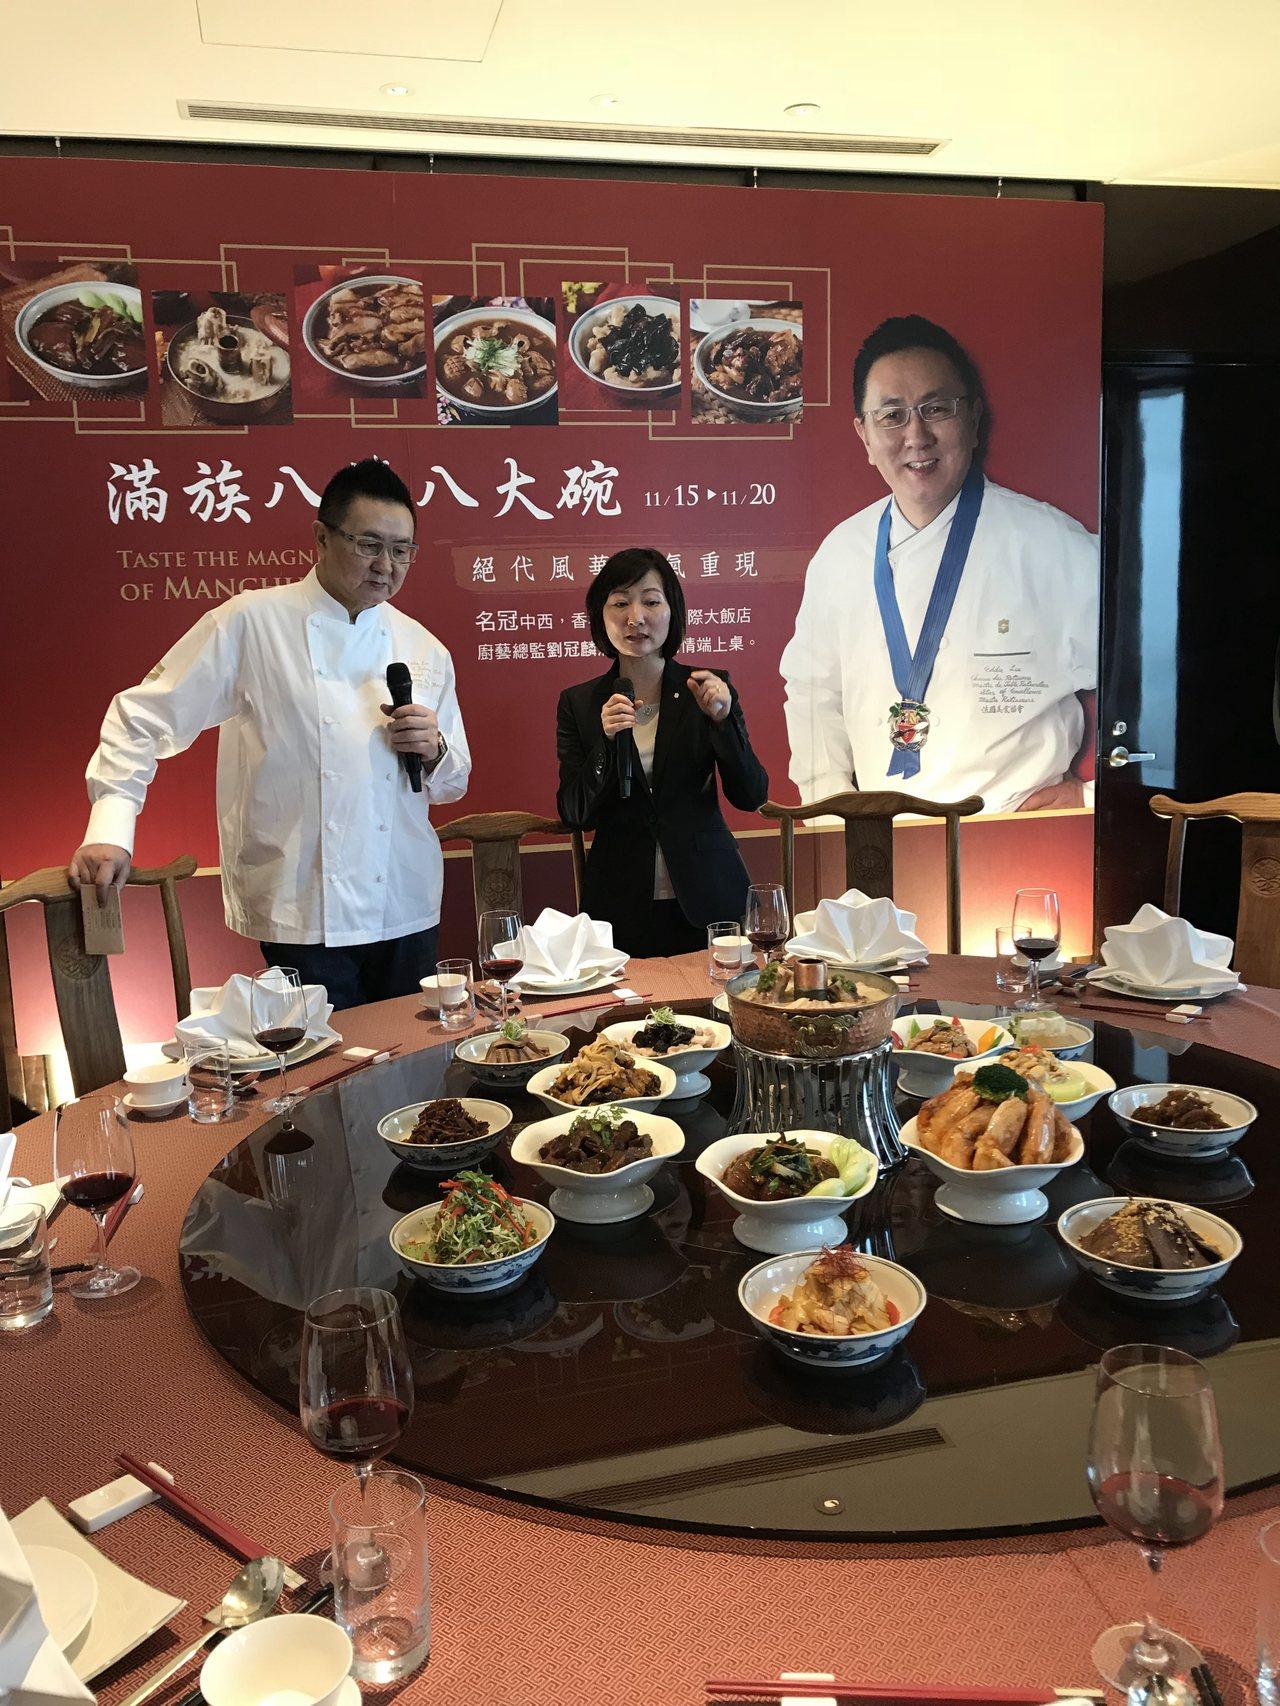 香格里拉遠東國際大飯店廚藝總監劉冠麟為滿洲八旗後代,以八種精湛手法,呈現滿族傳奇...